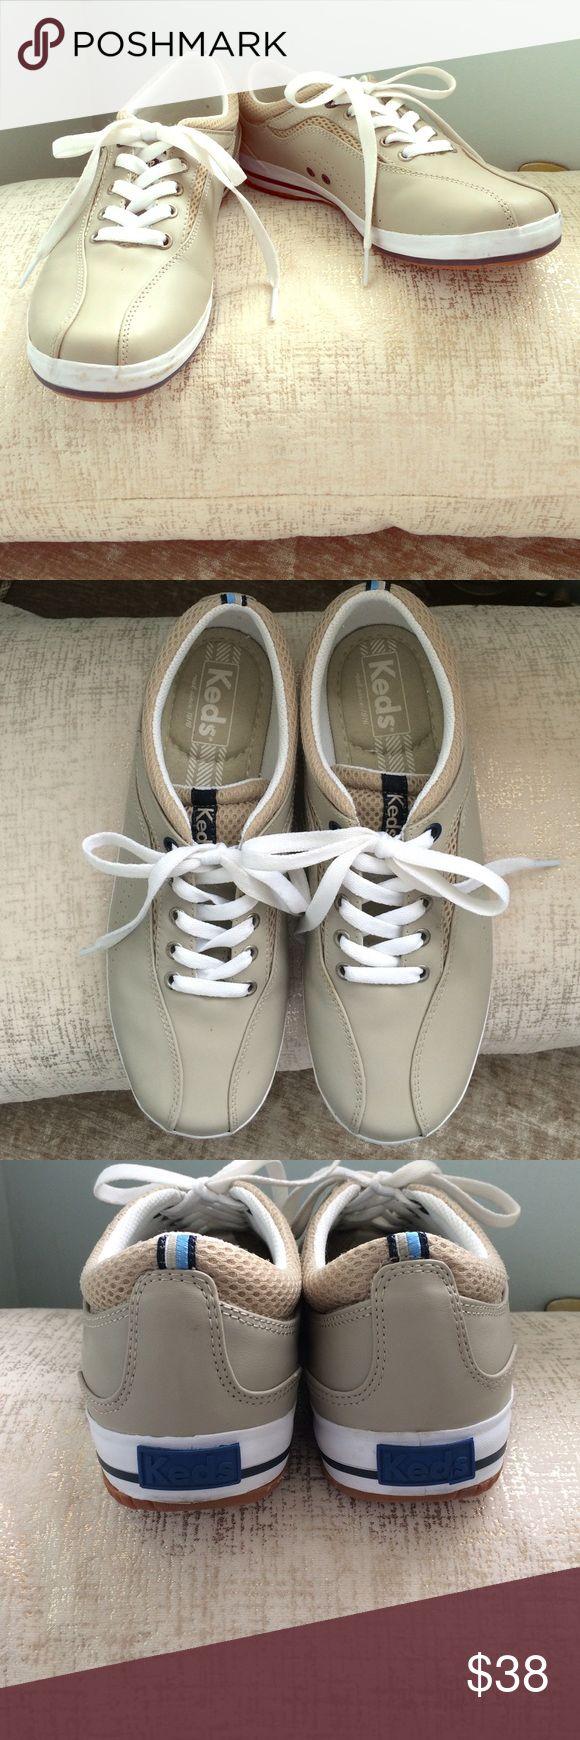 tennis shoes like keds